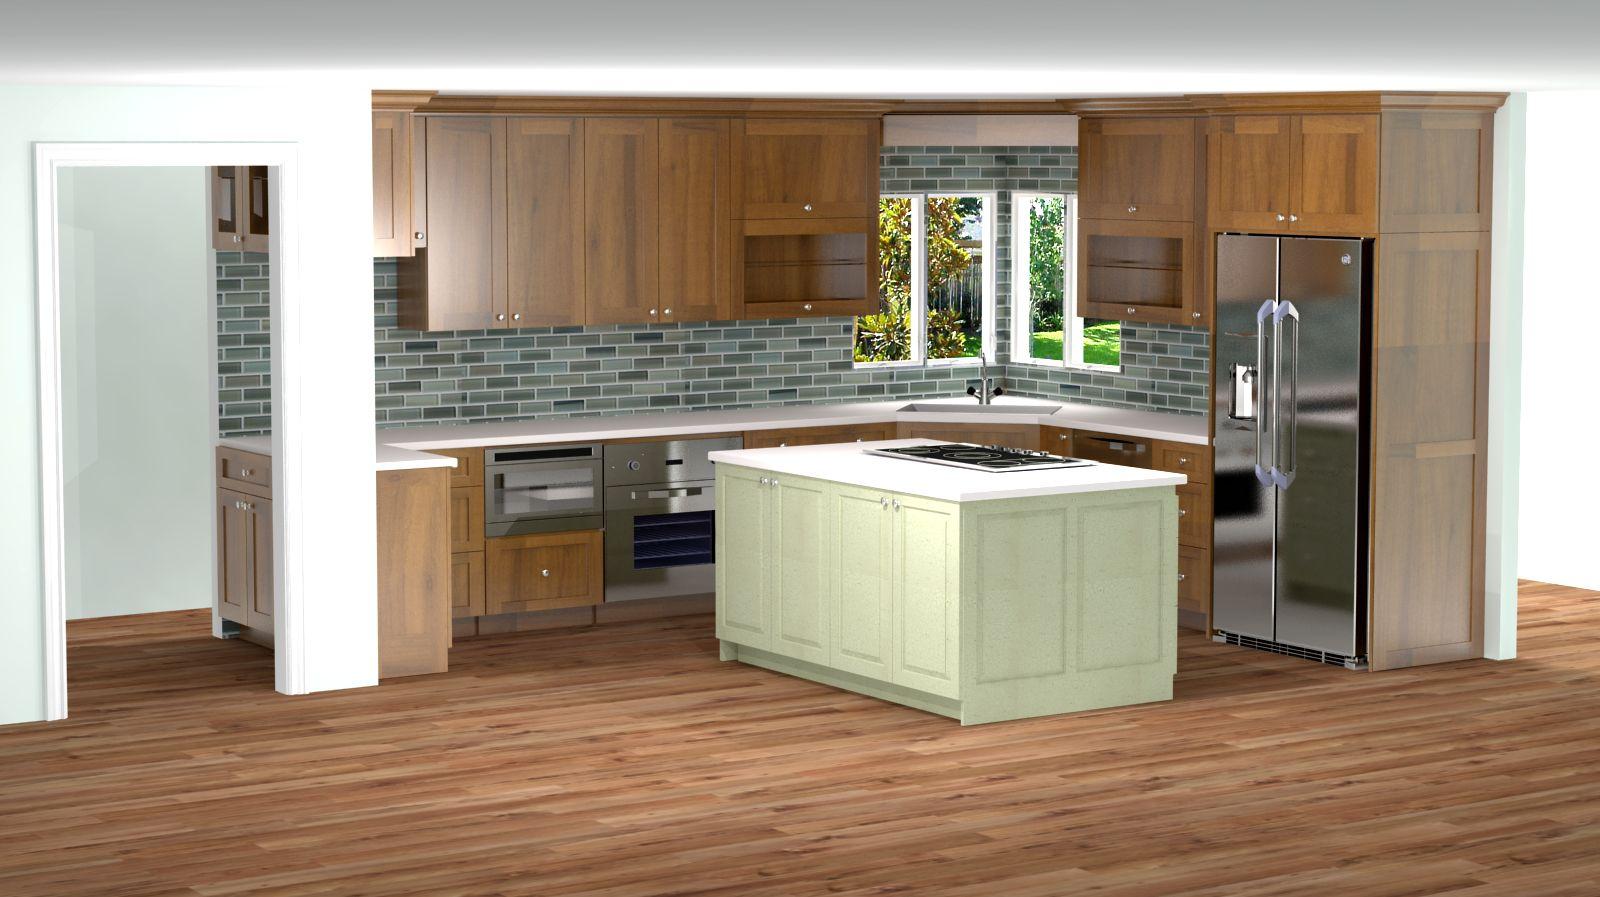 Kitchen 3d Rendering Shaker Doors Alder Wood Nick Miller Design